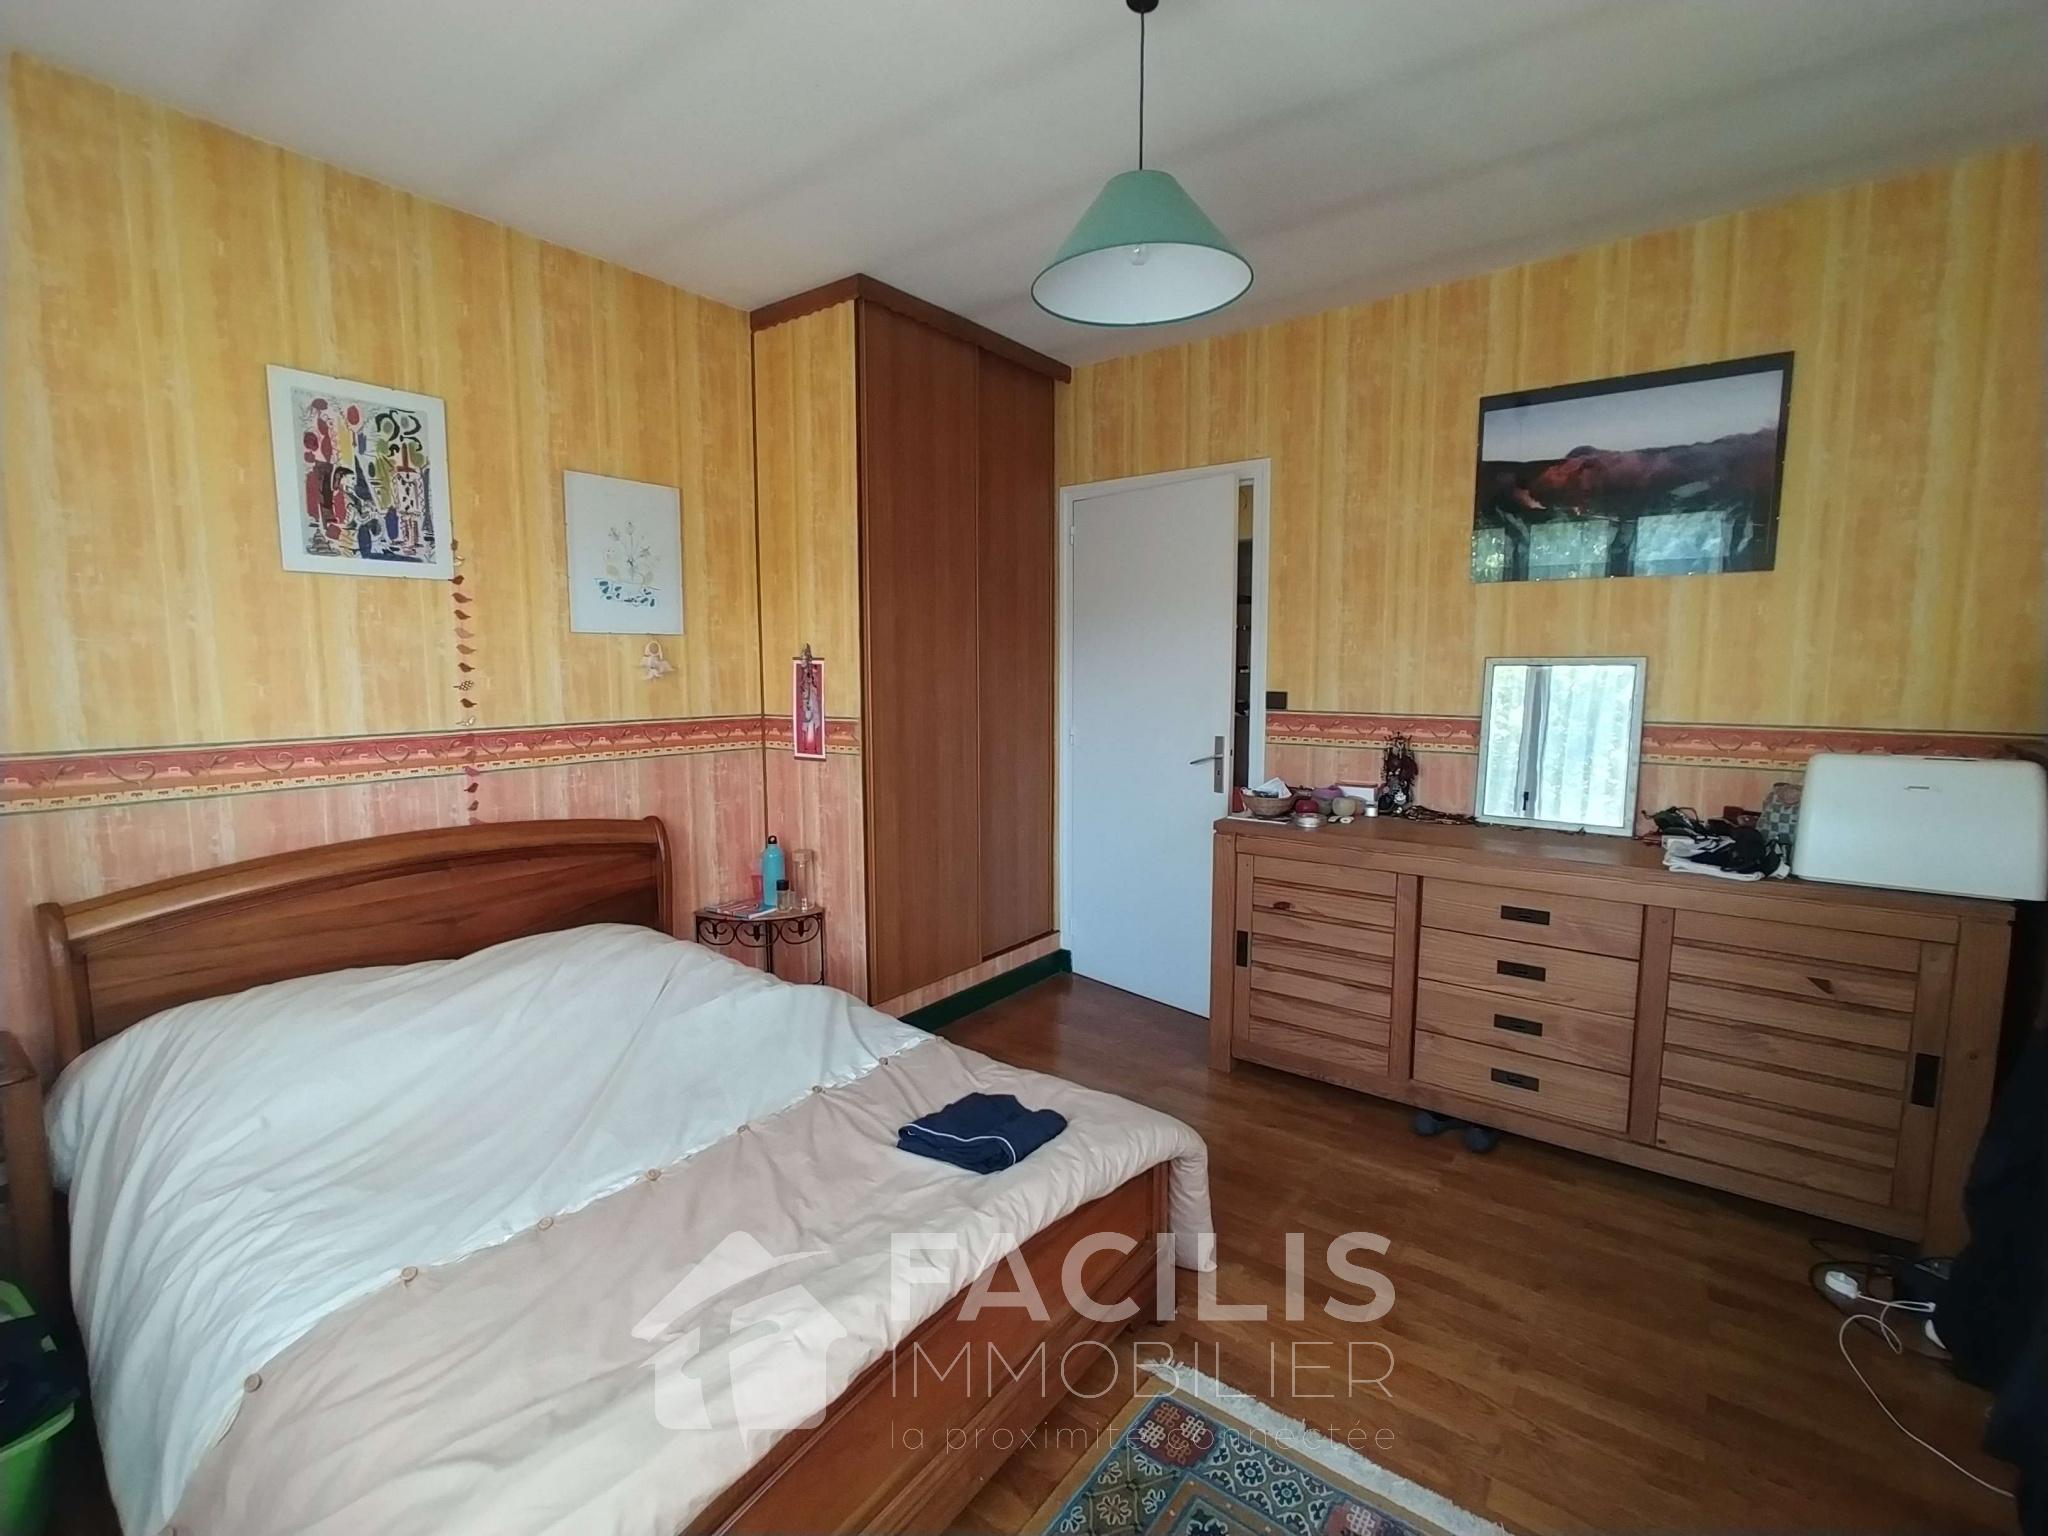 chambre 2 (15m²)